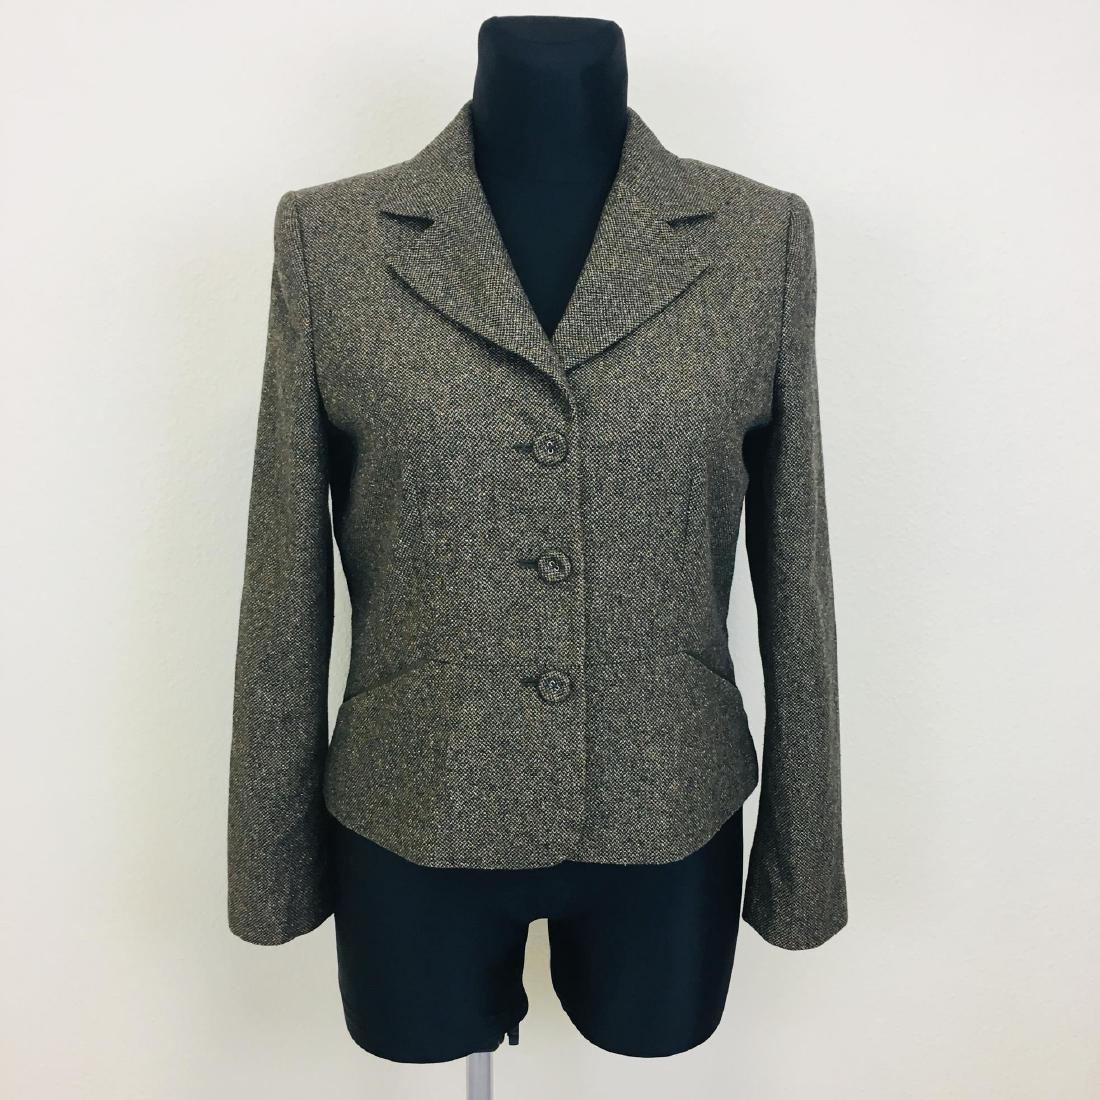 Women's Vackpot Romanian Designer Wool Blend Blazer